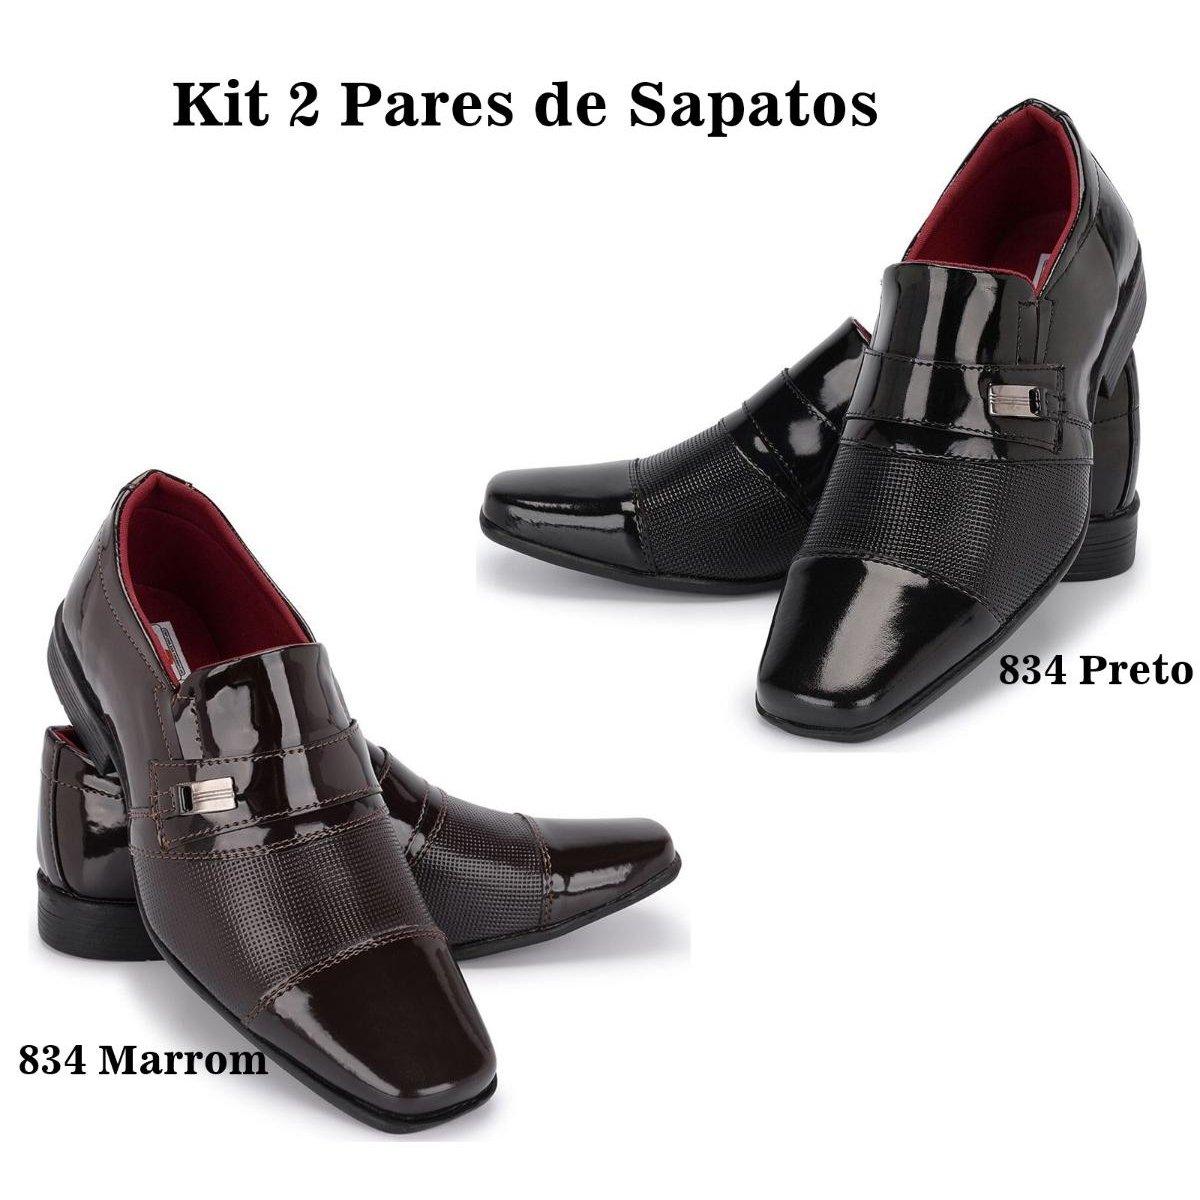 ef247d1fb7 Preto Preto Schiareli Social Social Verniz Sapato e Kit Social Masculino  Sapato Fa1xff